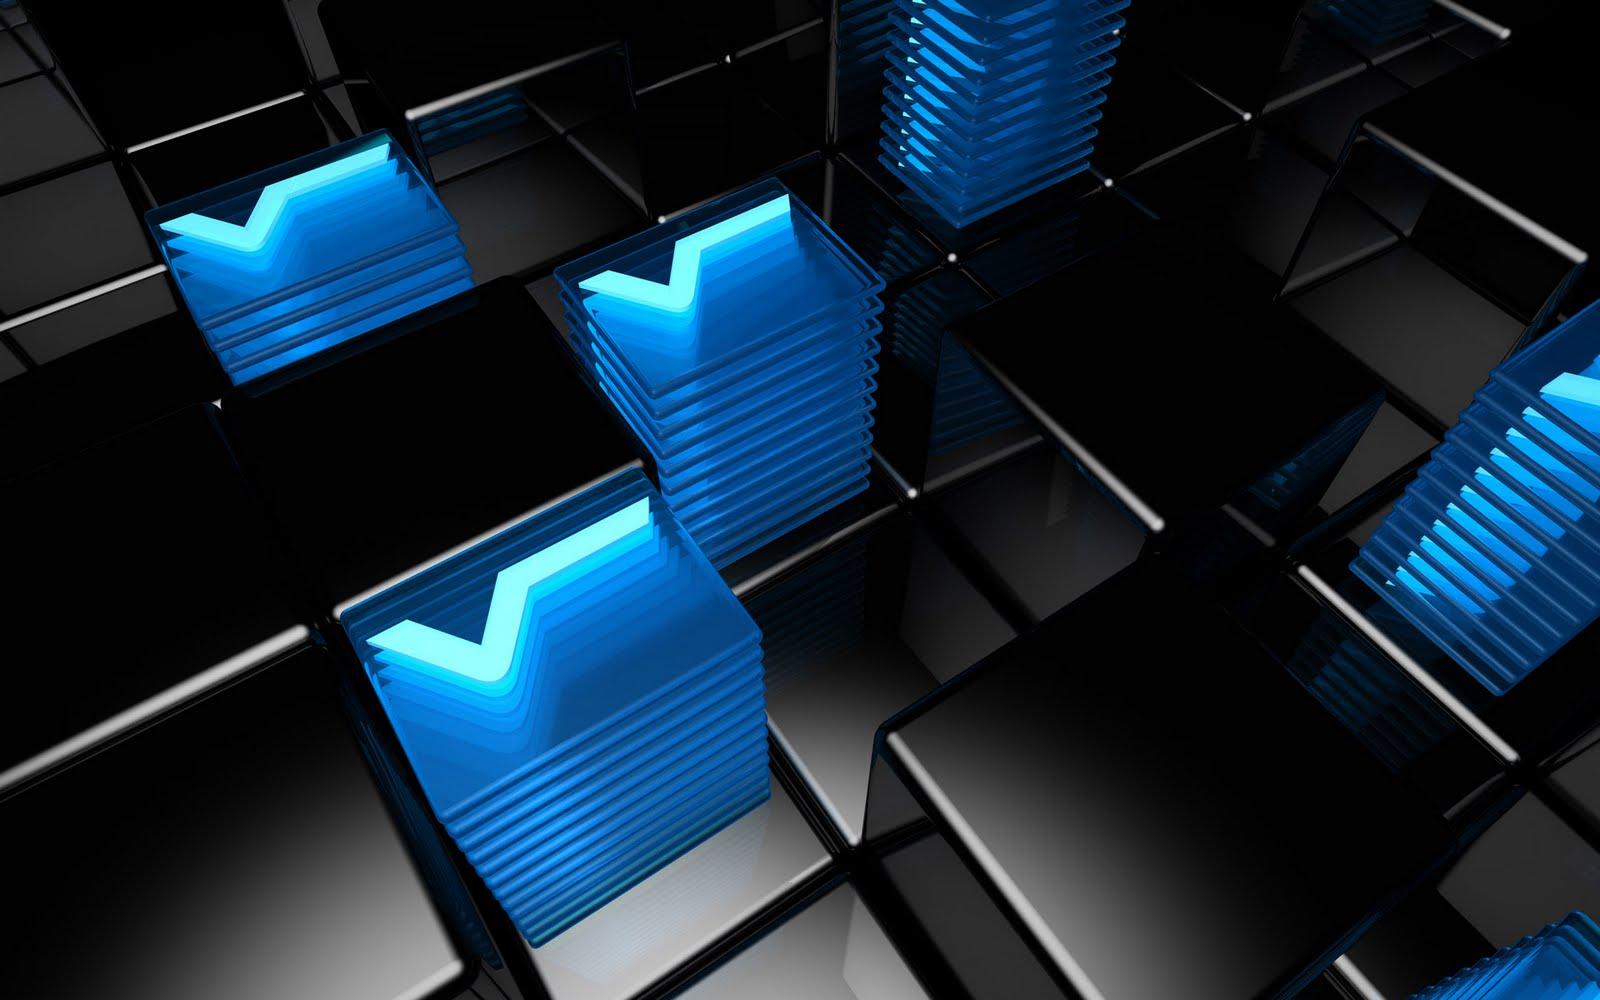 Fondos de Pantalla 3D   Wallpapers 3D   Fondos de Pantalla 1600x1000